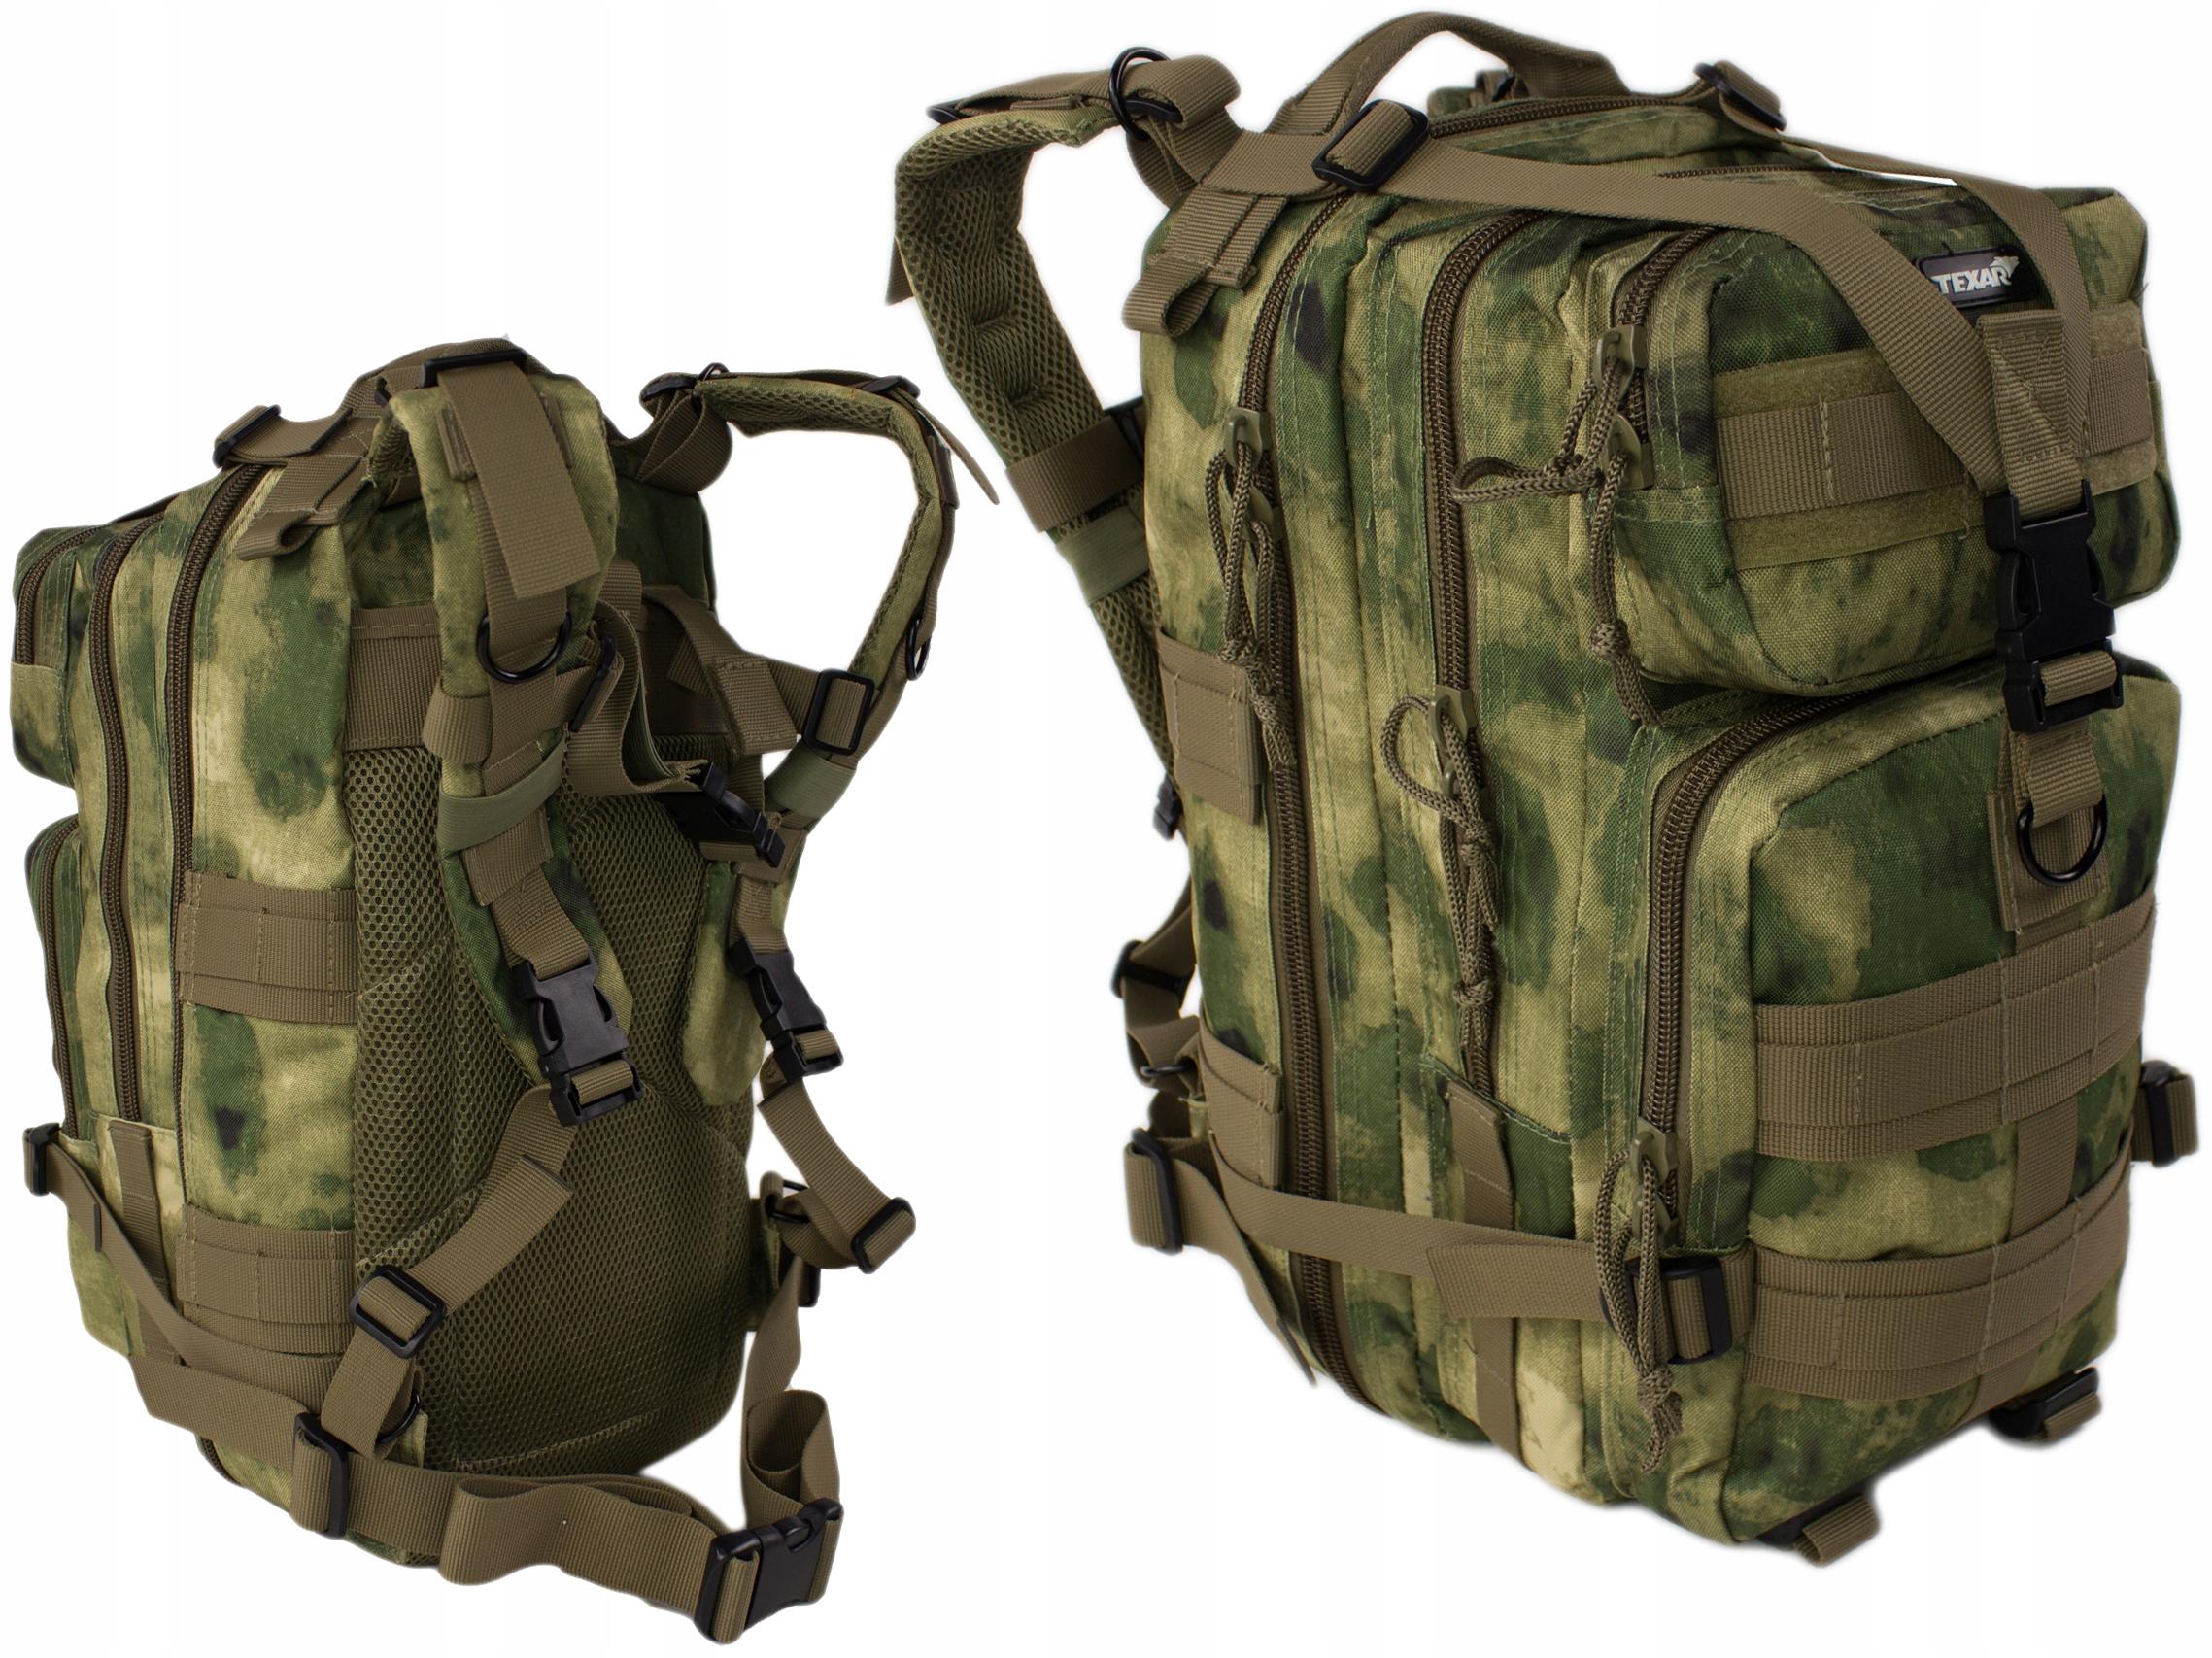 Miejski Plecak Texar TXR 25L Fg-Cam A-Tacs Army